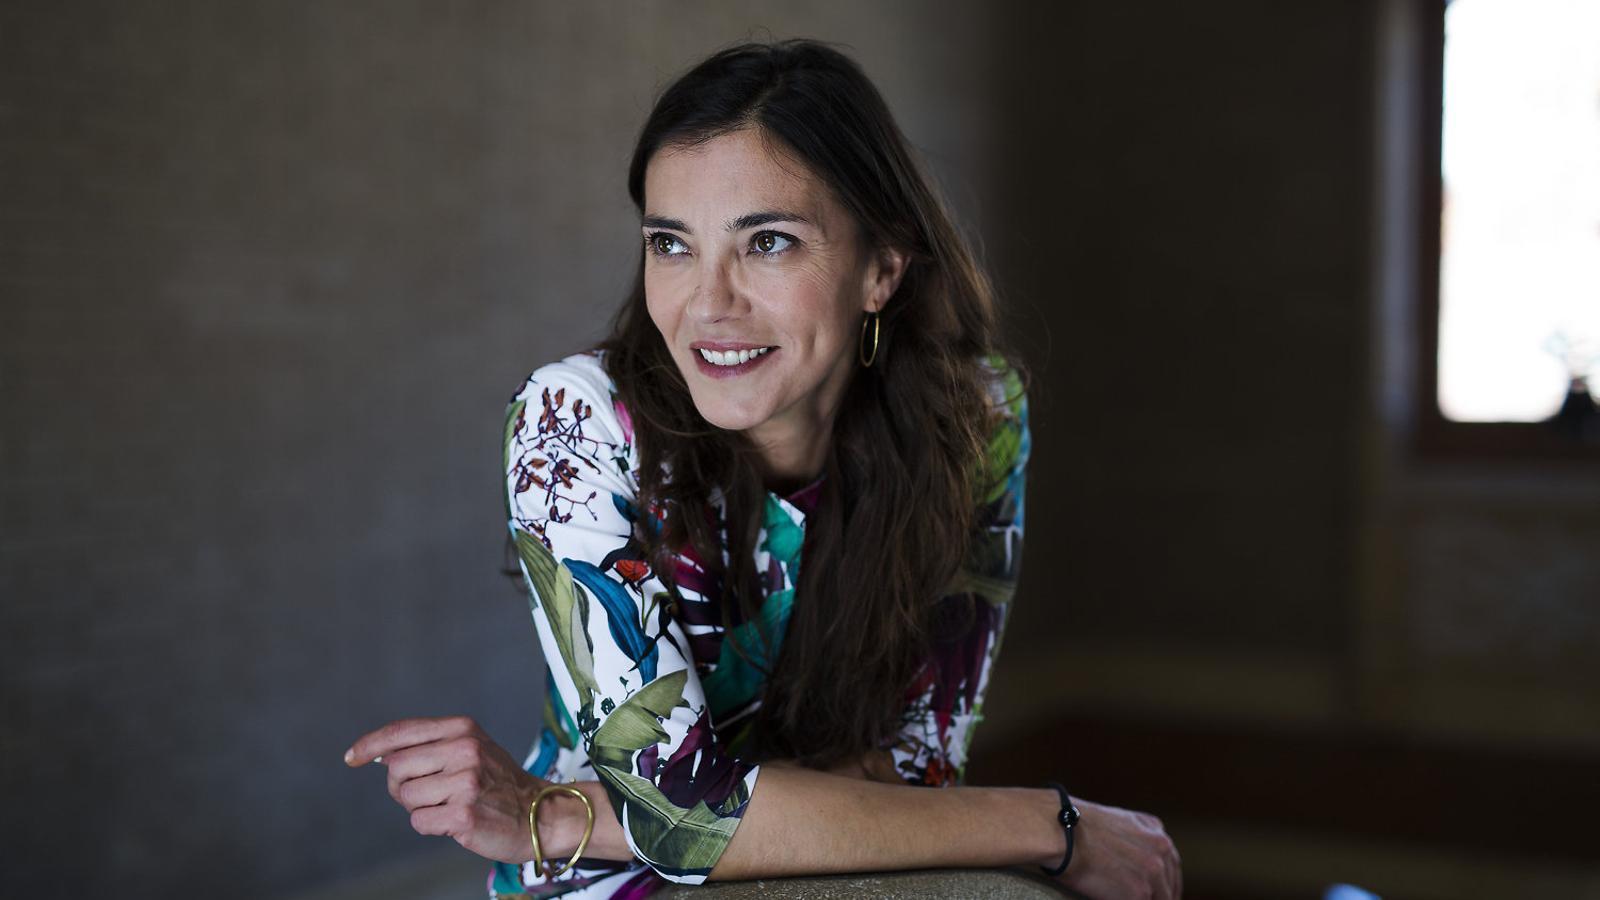 """Núria Prims: """"L'Agustí no tan sols ha donat sentit a la meva carrera, sinó també a la meva vida"""""""